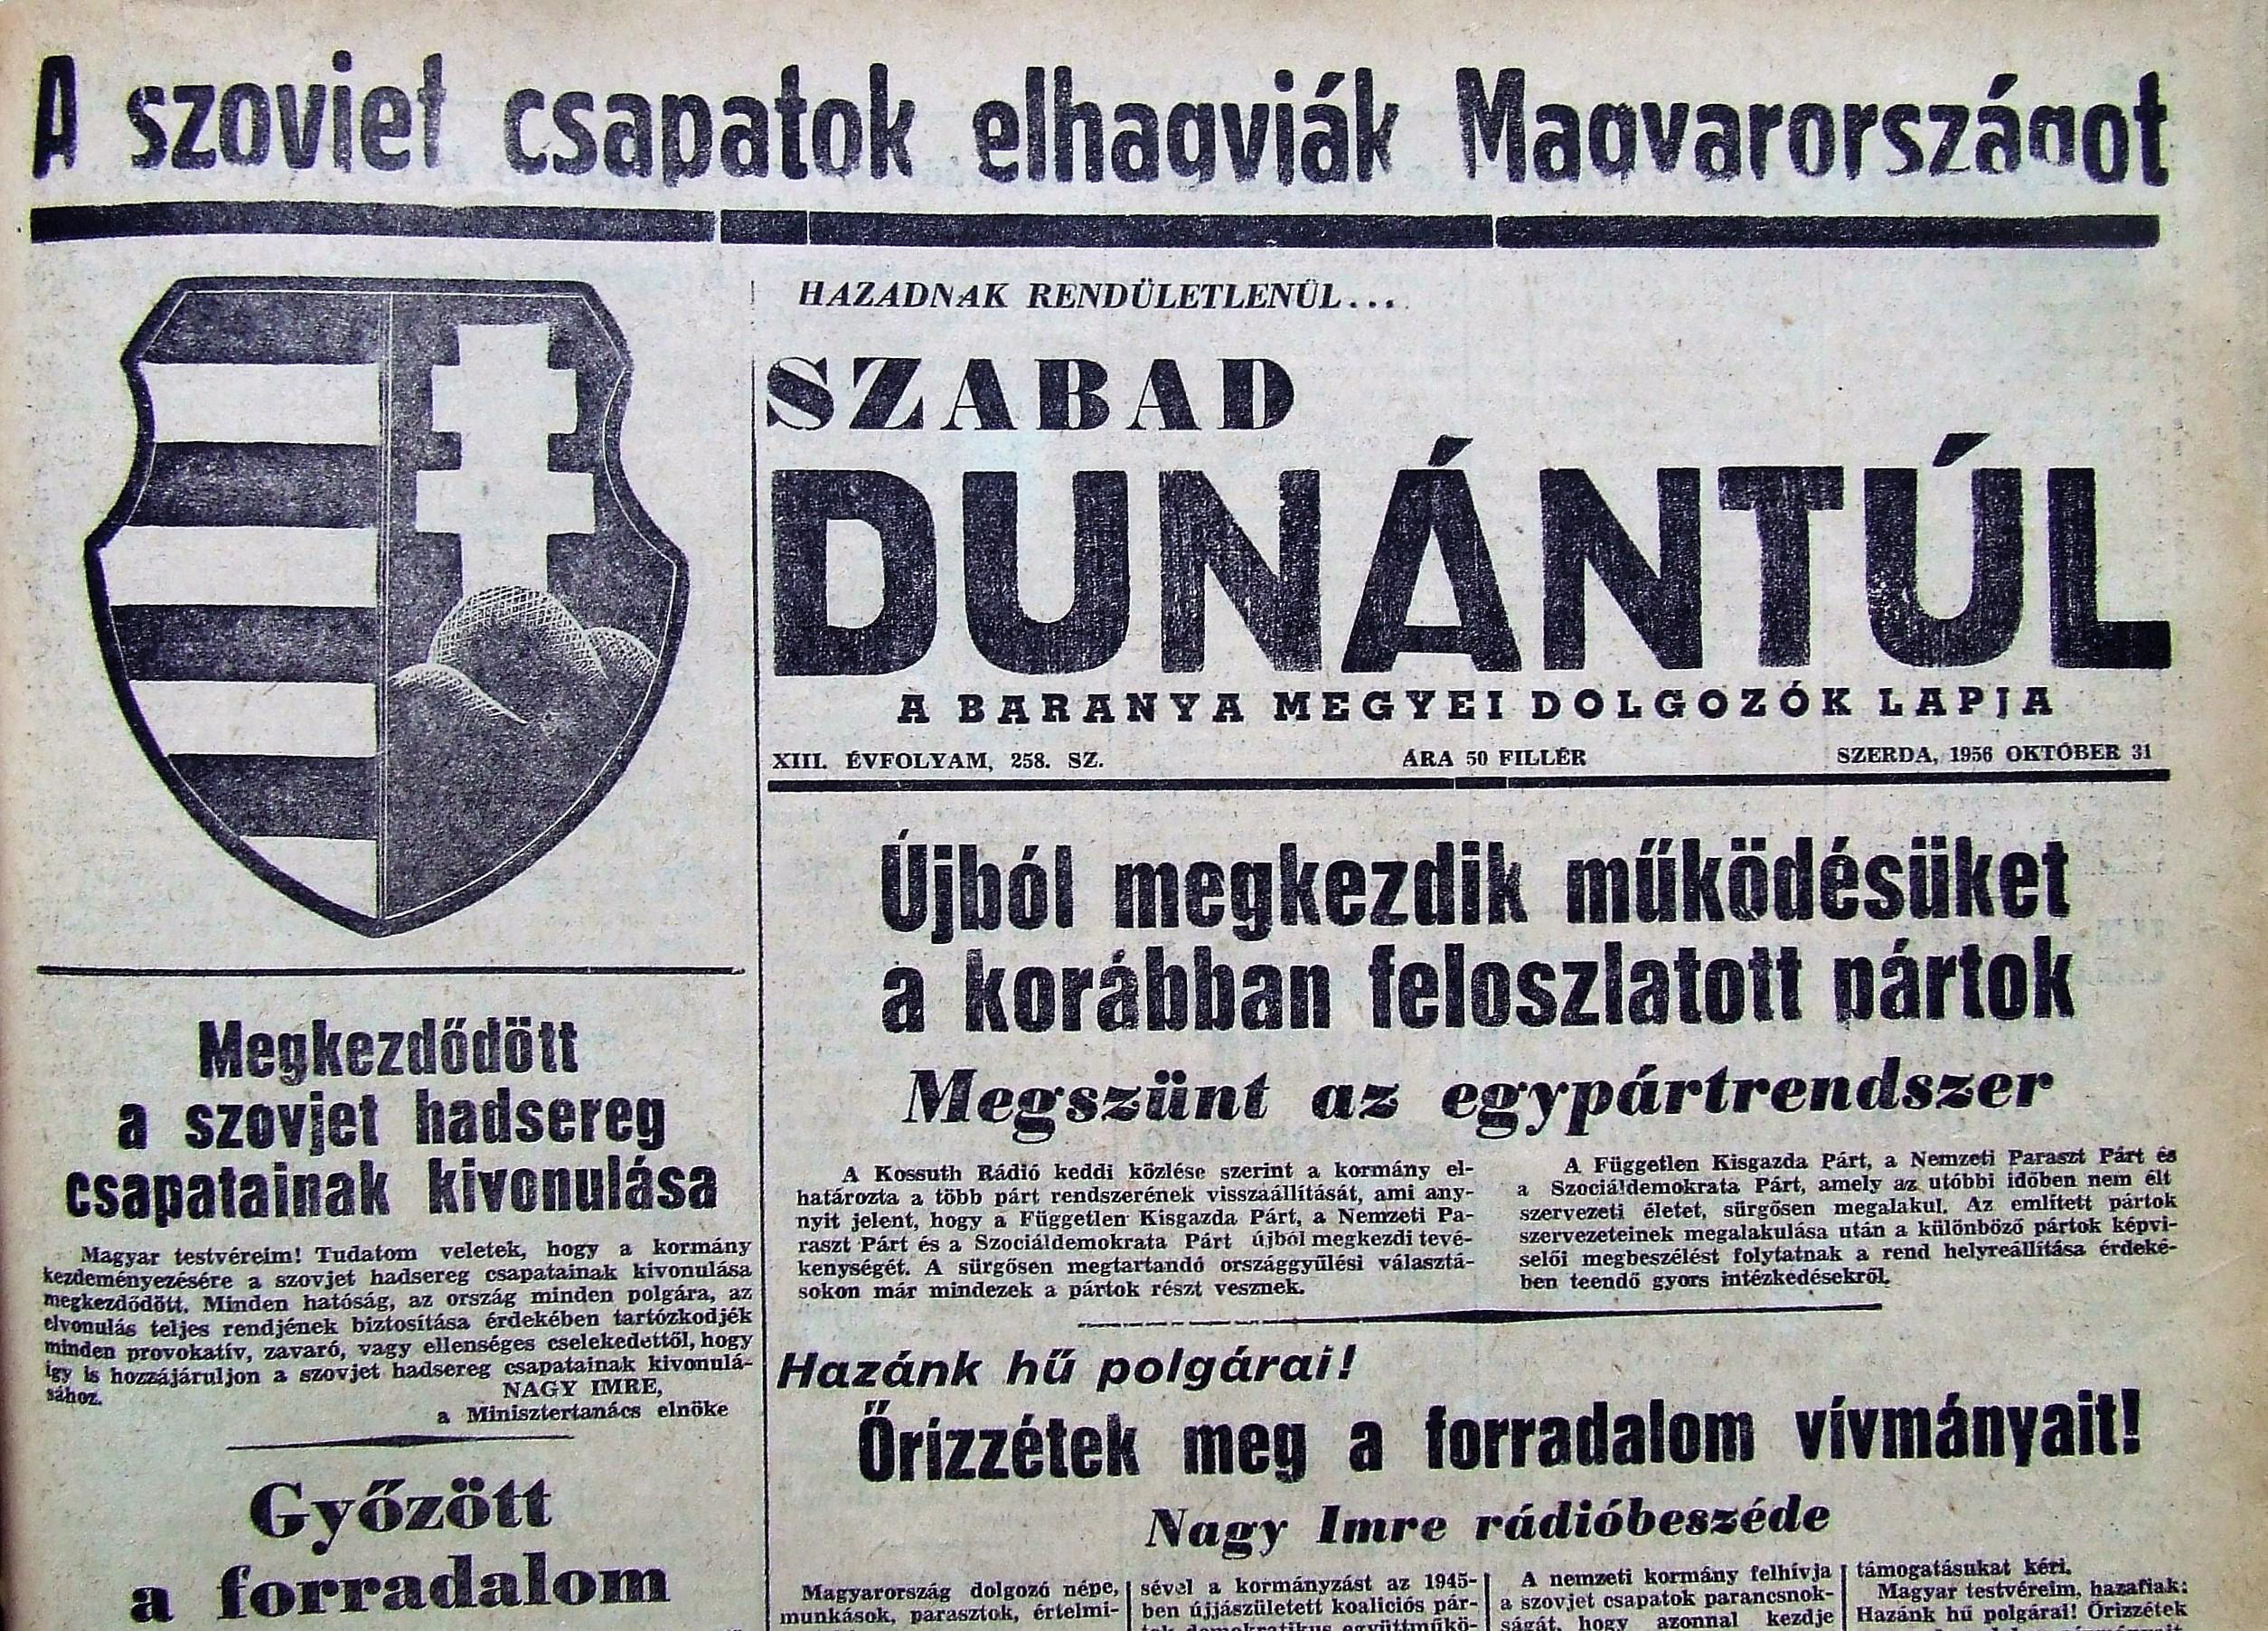 dn-1956-okt-31.jpg